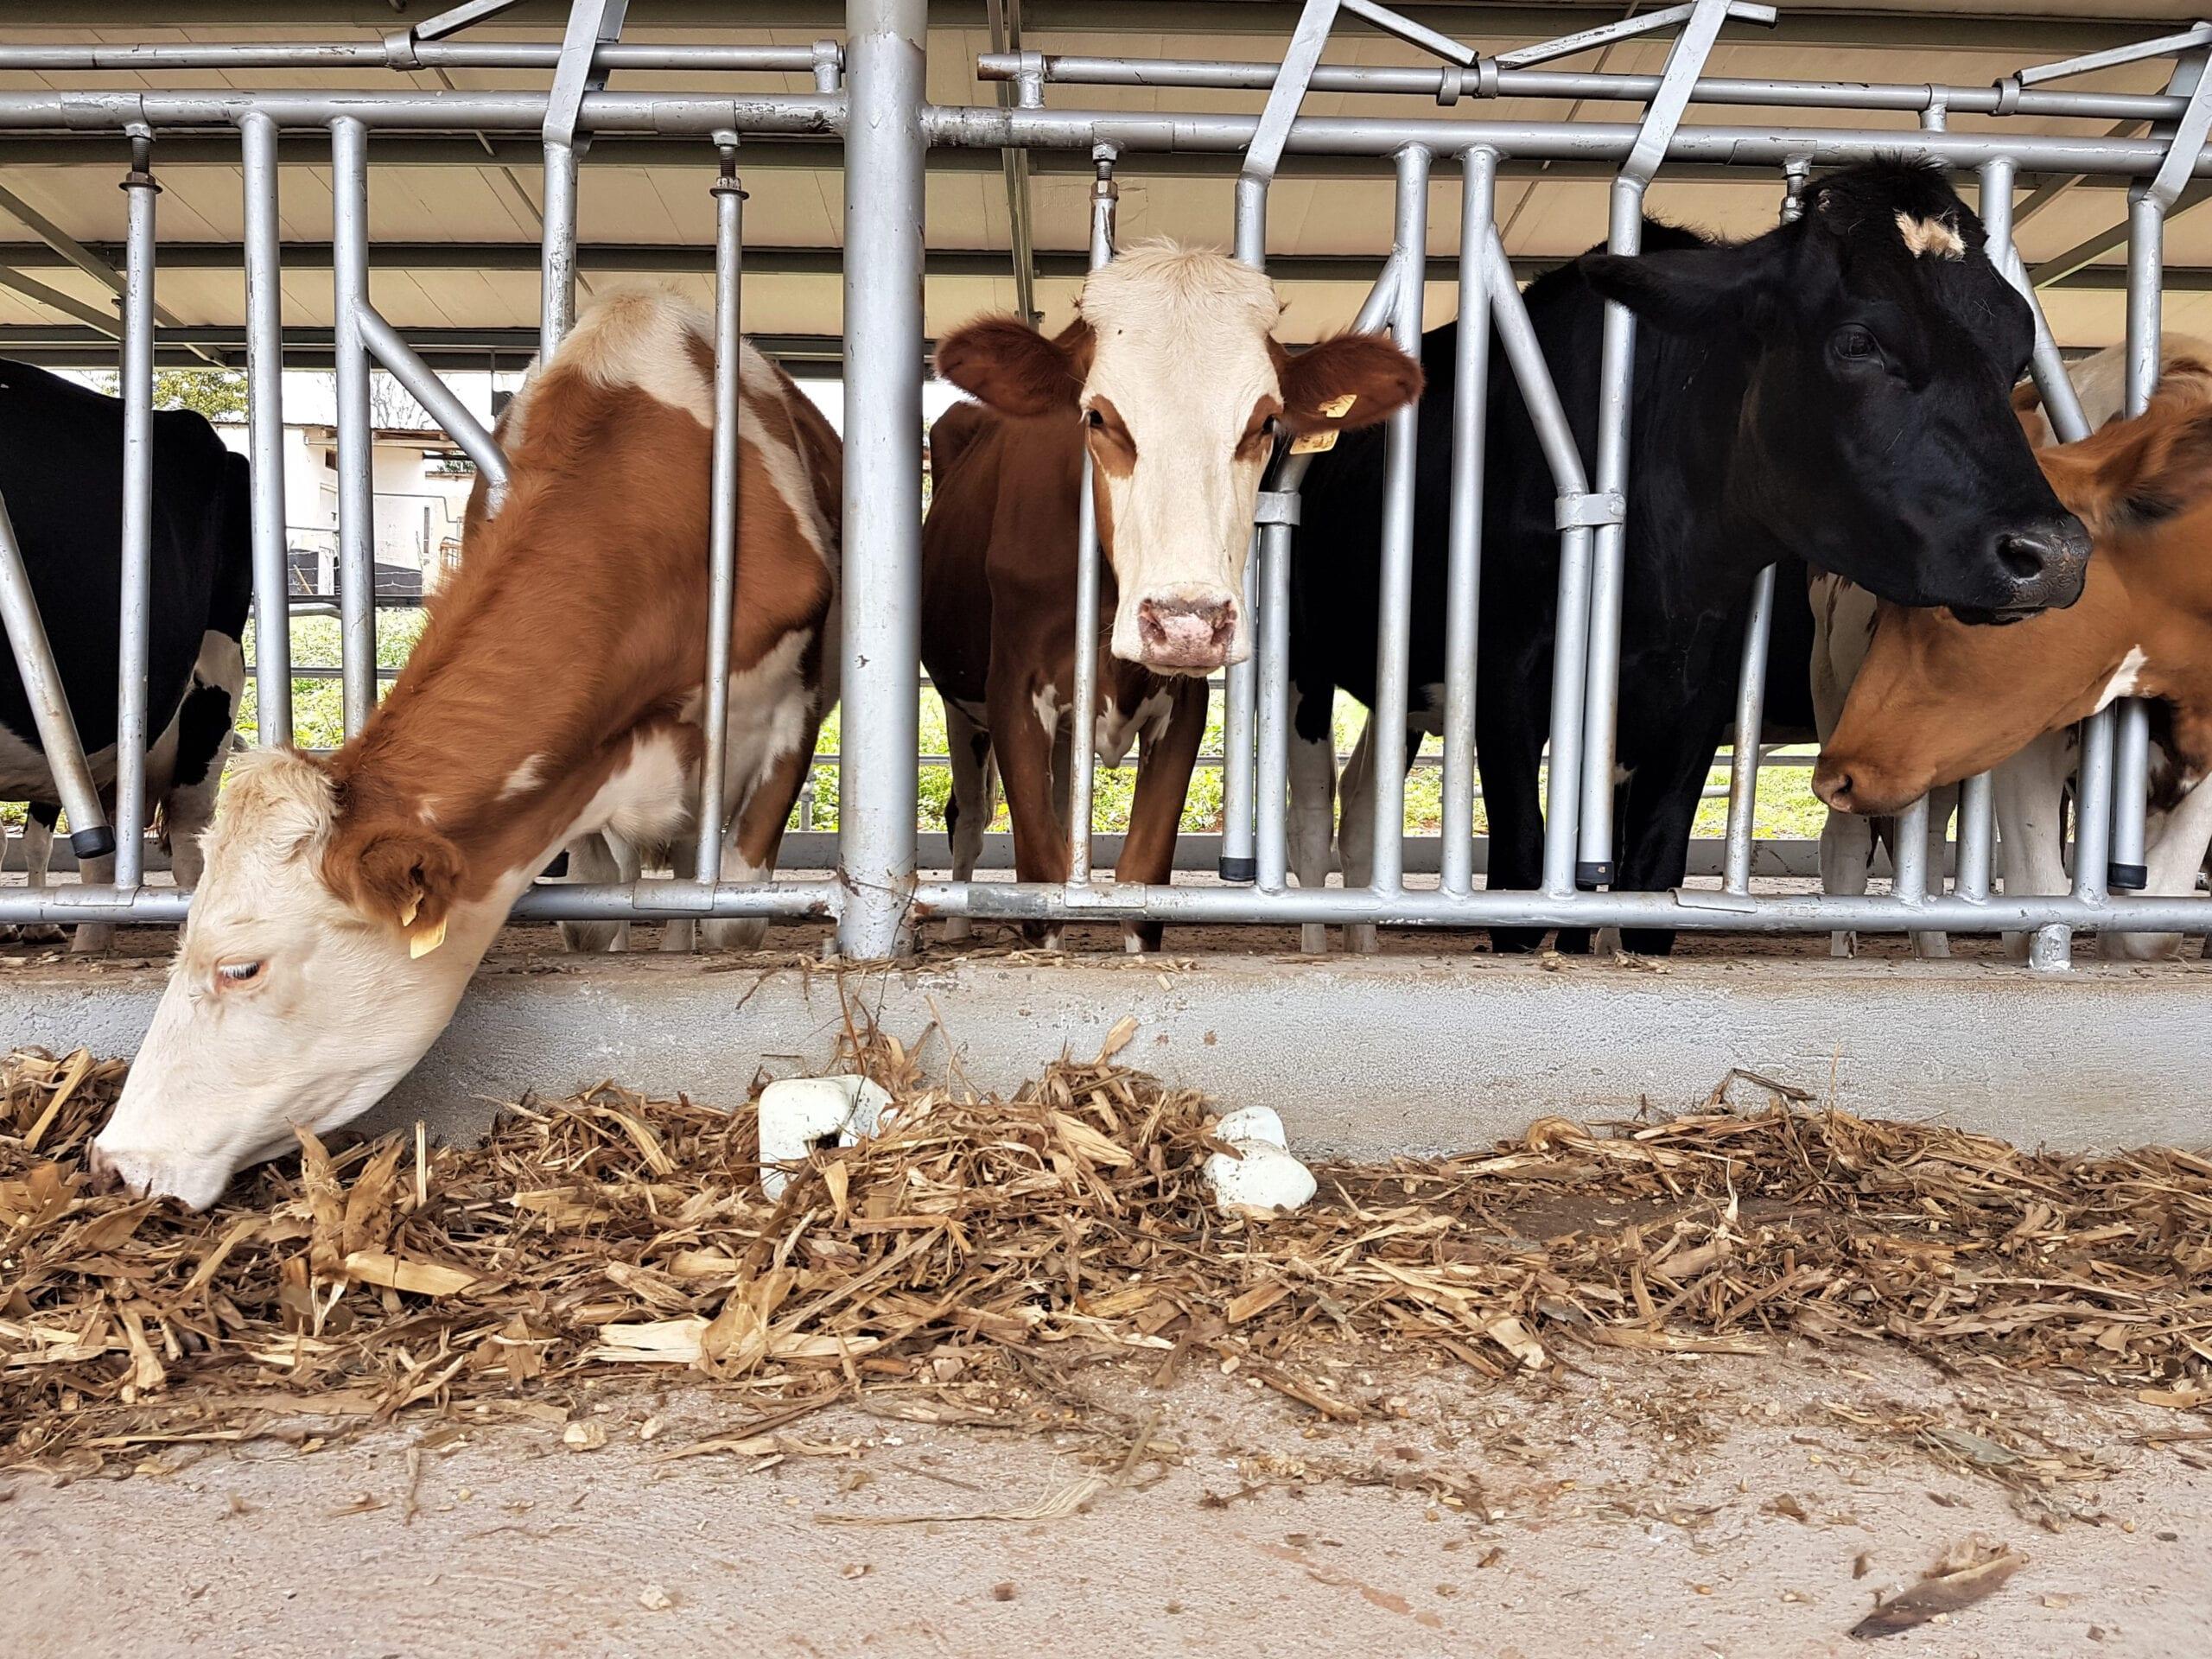 Kenya is the top destination for Uganda's milk exports. (Photo: Shutterstock)